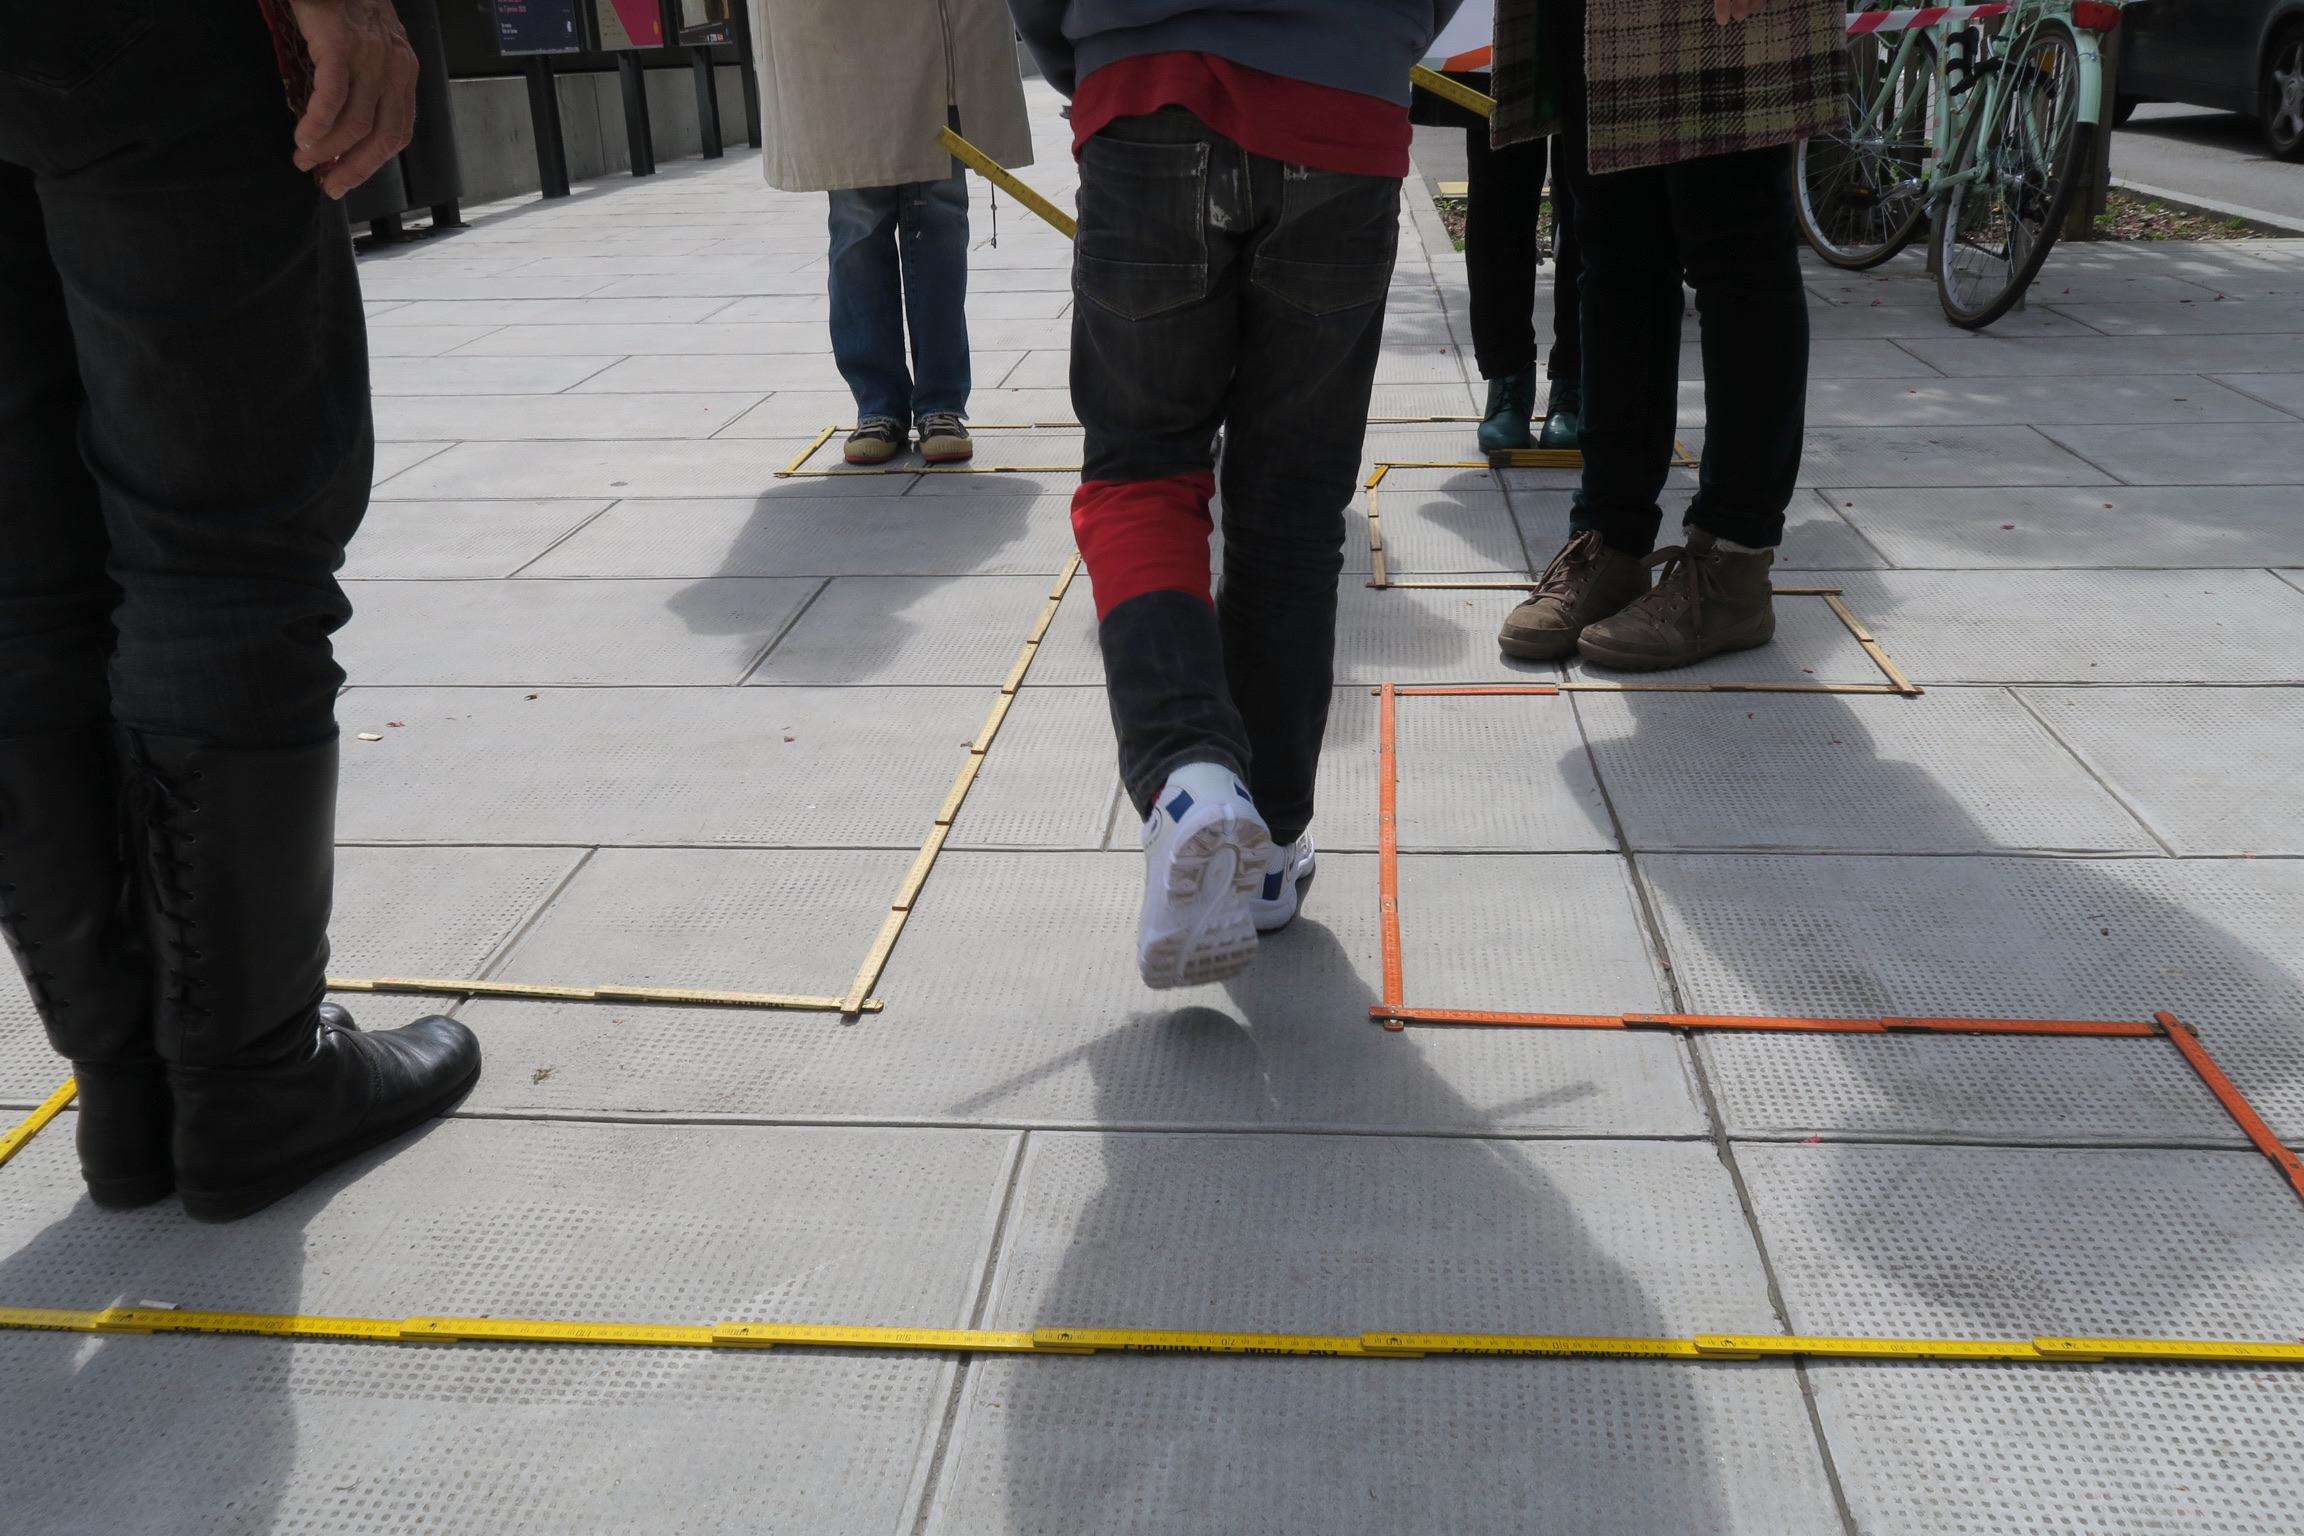 Terrain doubles-mètres défi coopératif «Tu m'as vu?»